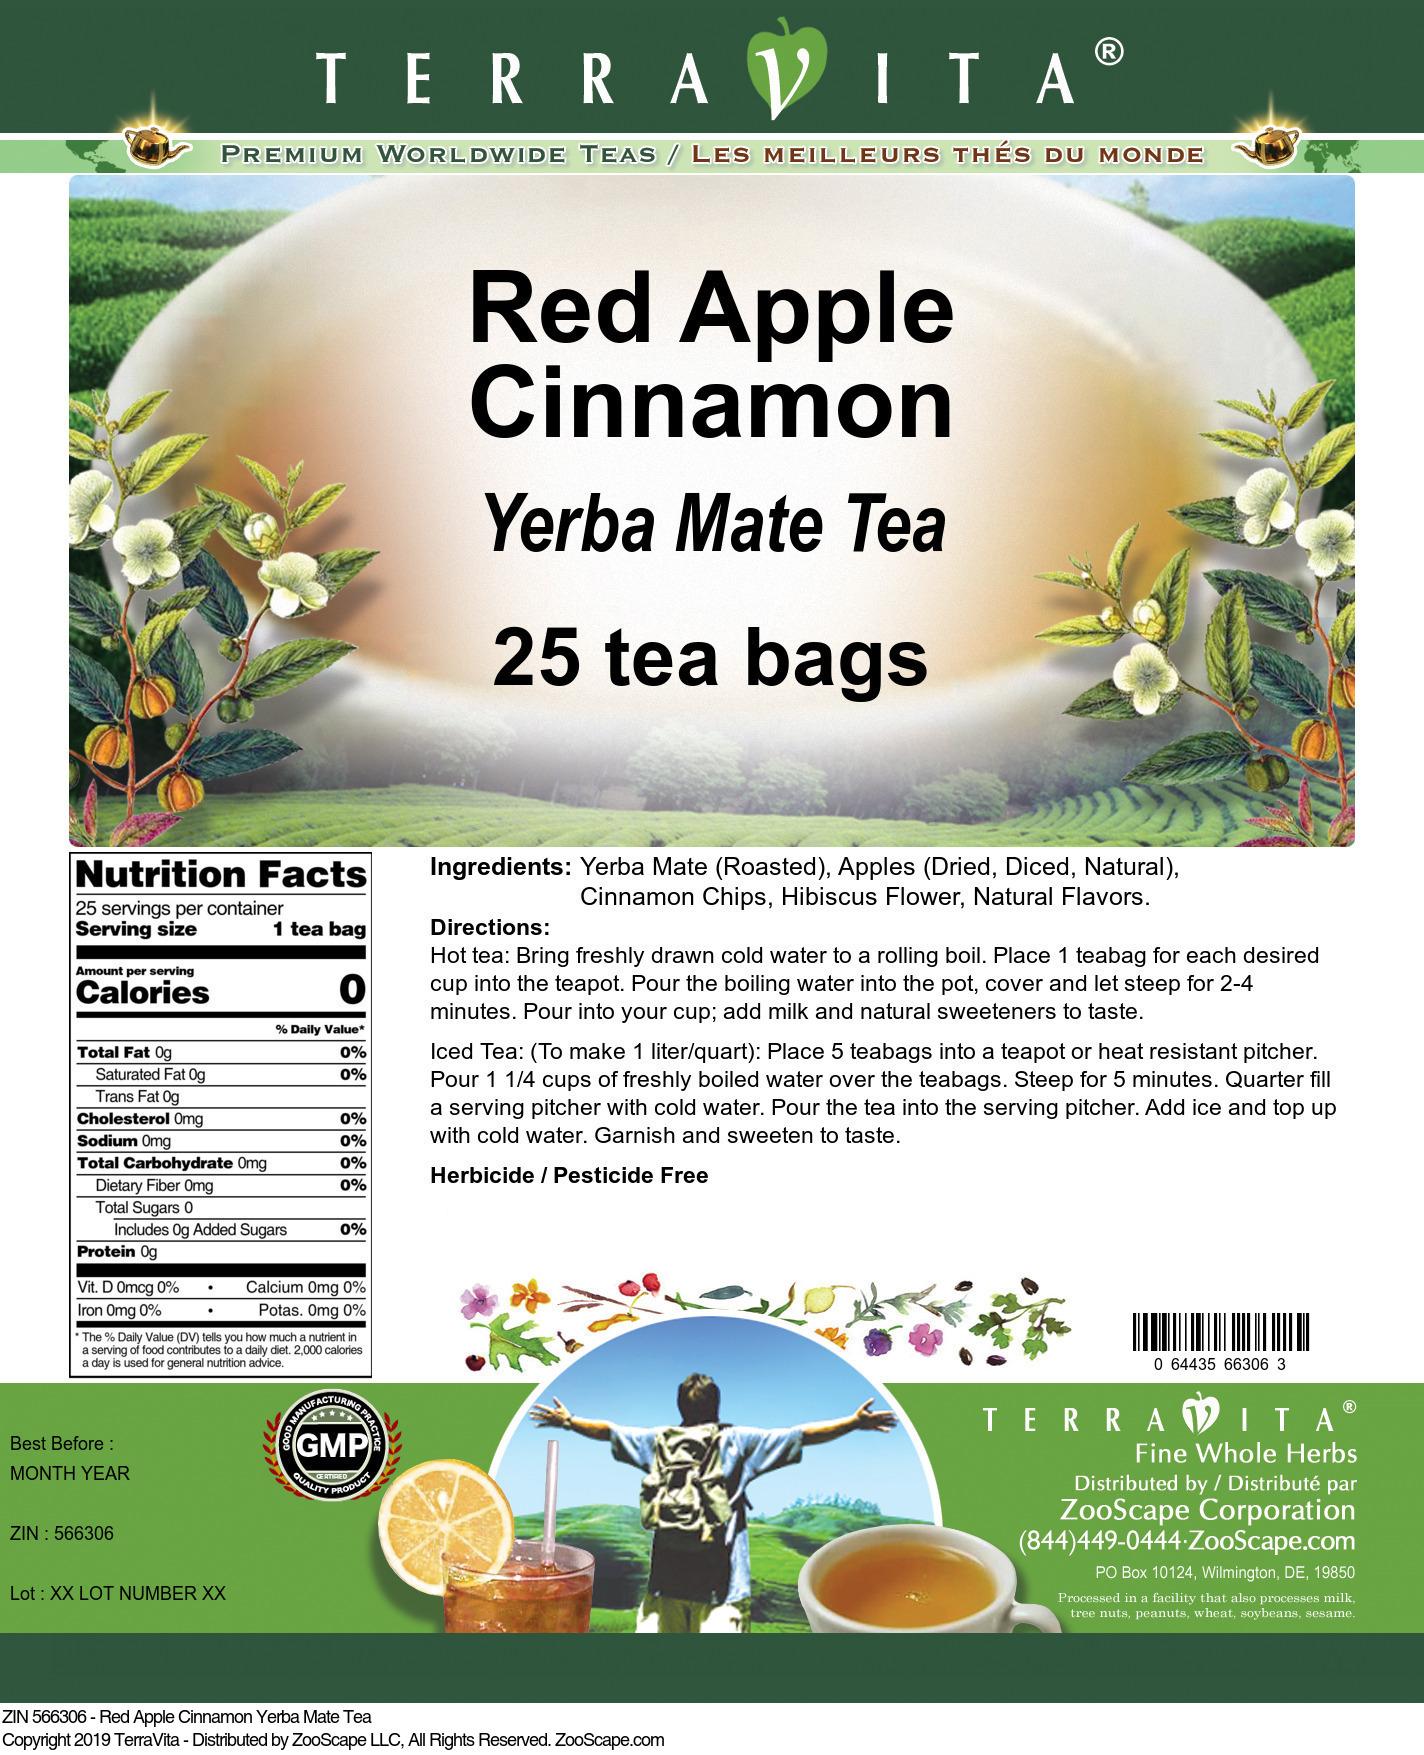 Red Apple Cinnamon Yerba Mate Tea